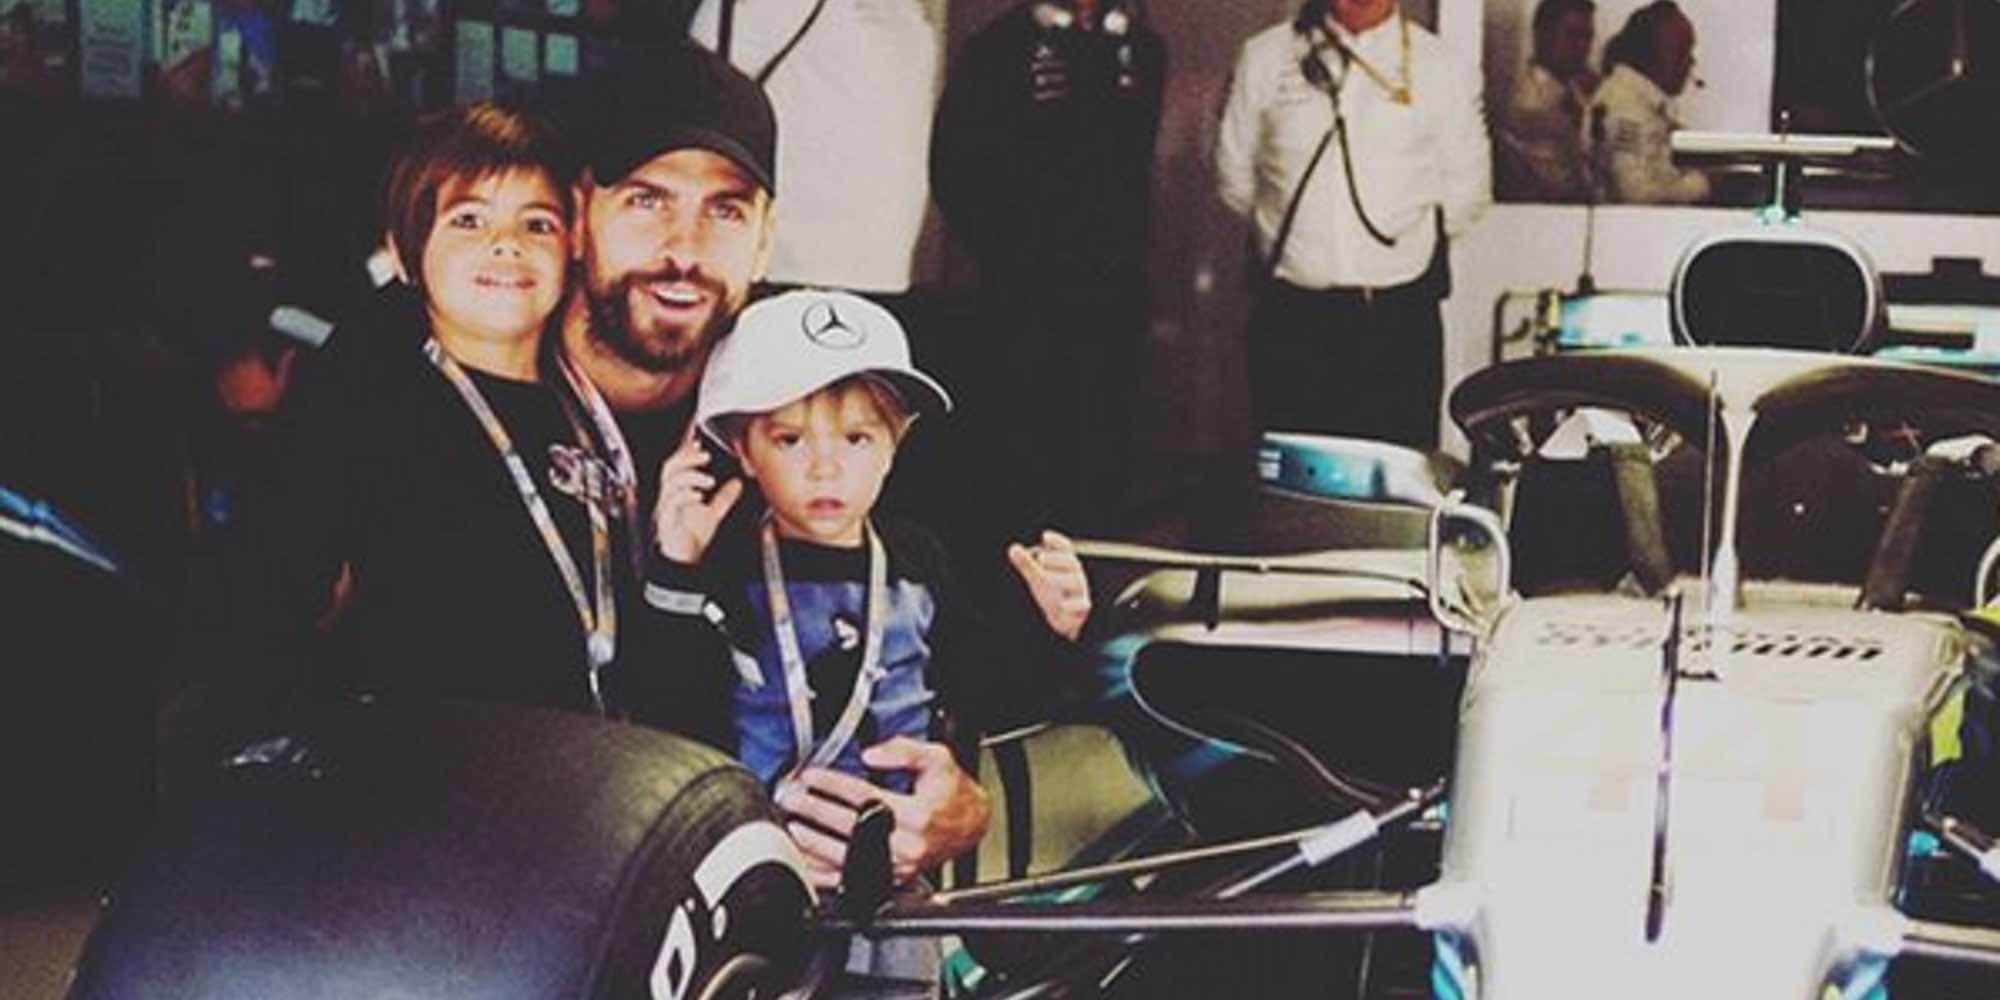 Milan se convierte en piloto de Fórmula Uno bajo la atenta mirada de su padre Gerard Piqué y su hermano Sasha